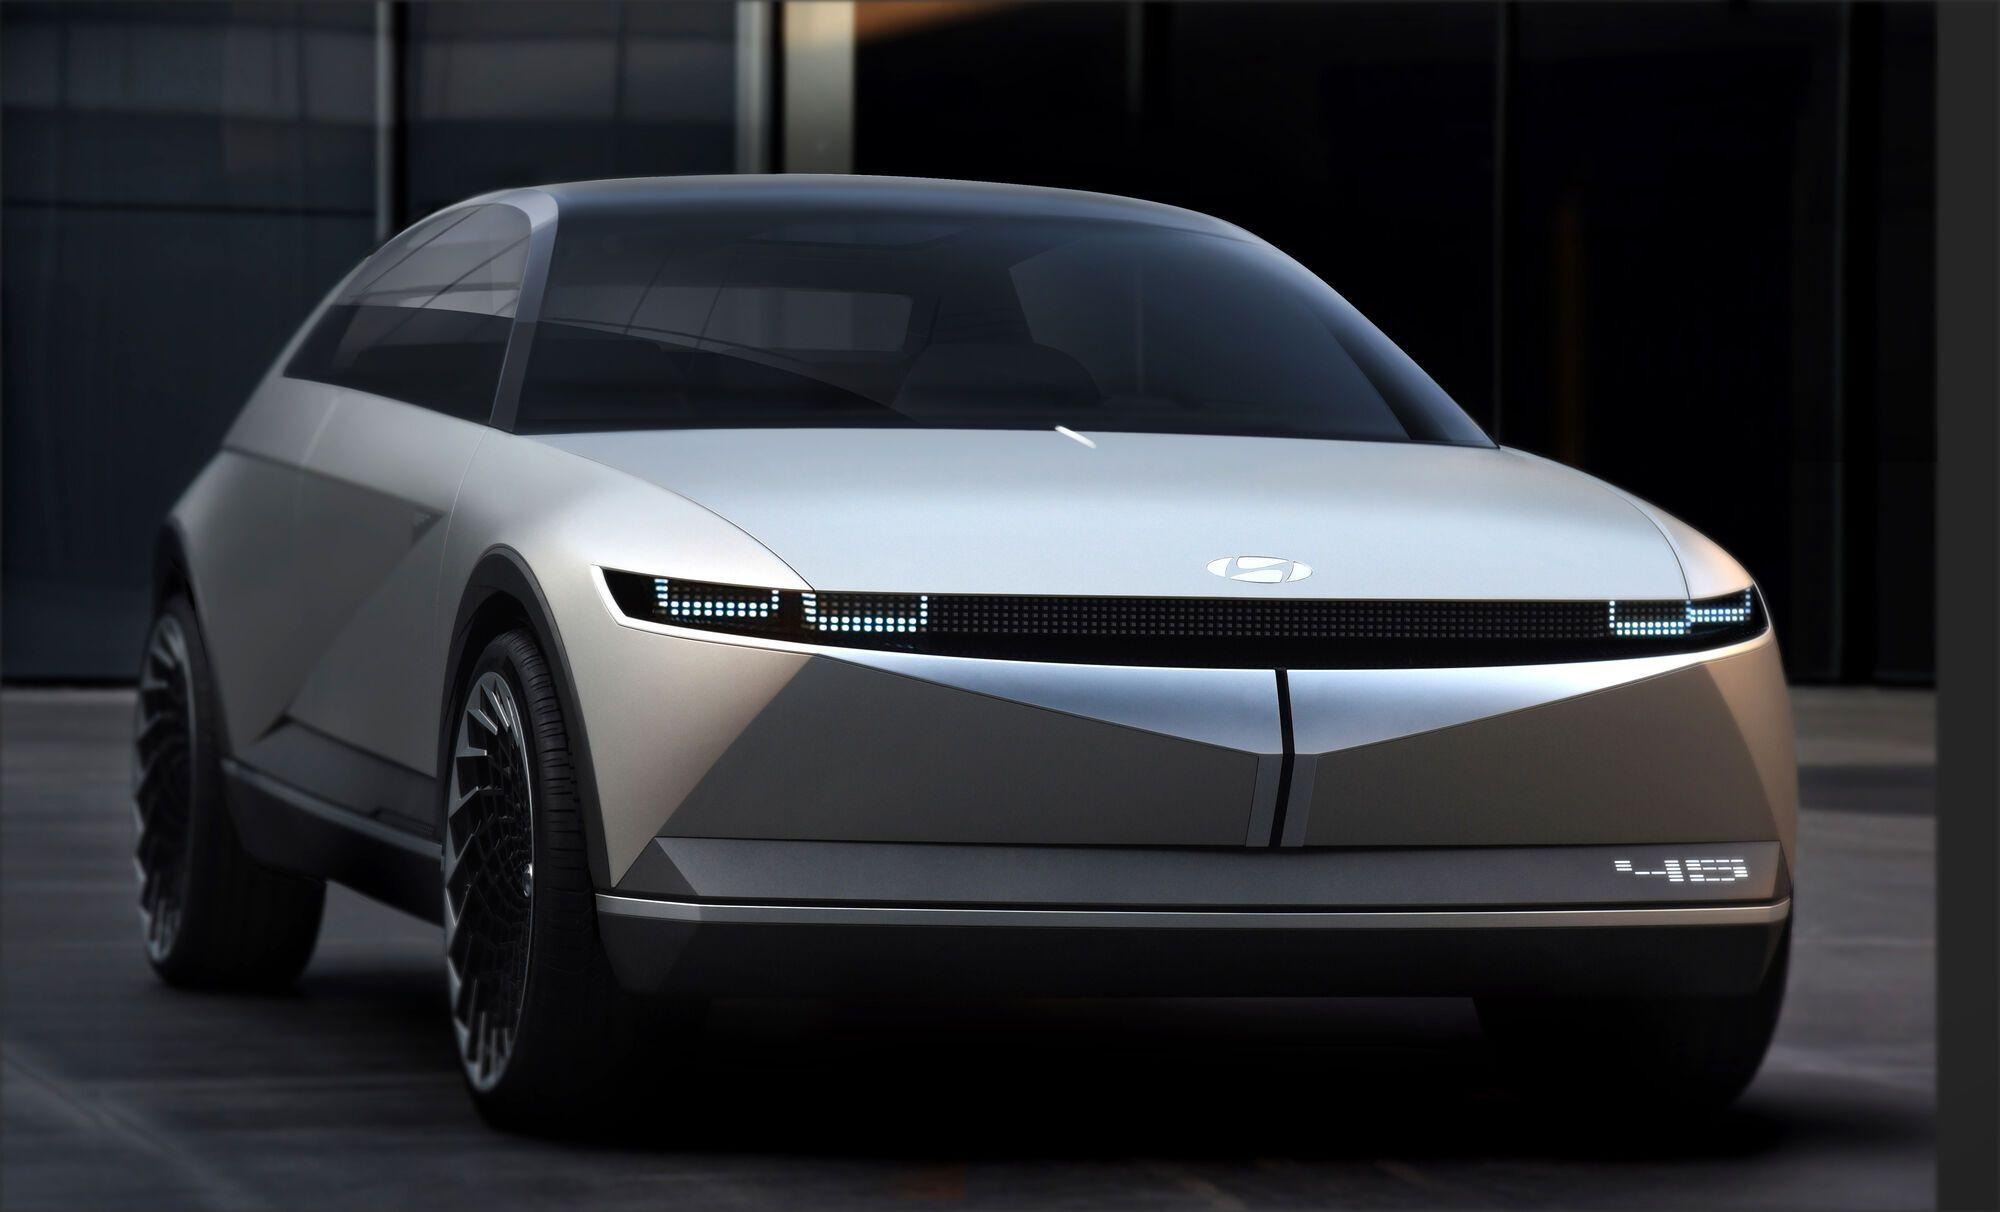 Автомобиль получит привлекательную внешность, напоминающую концепт Hyundai 45 EV